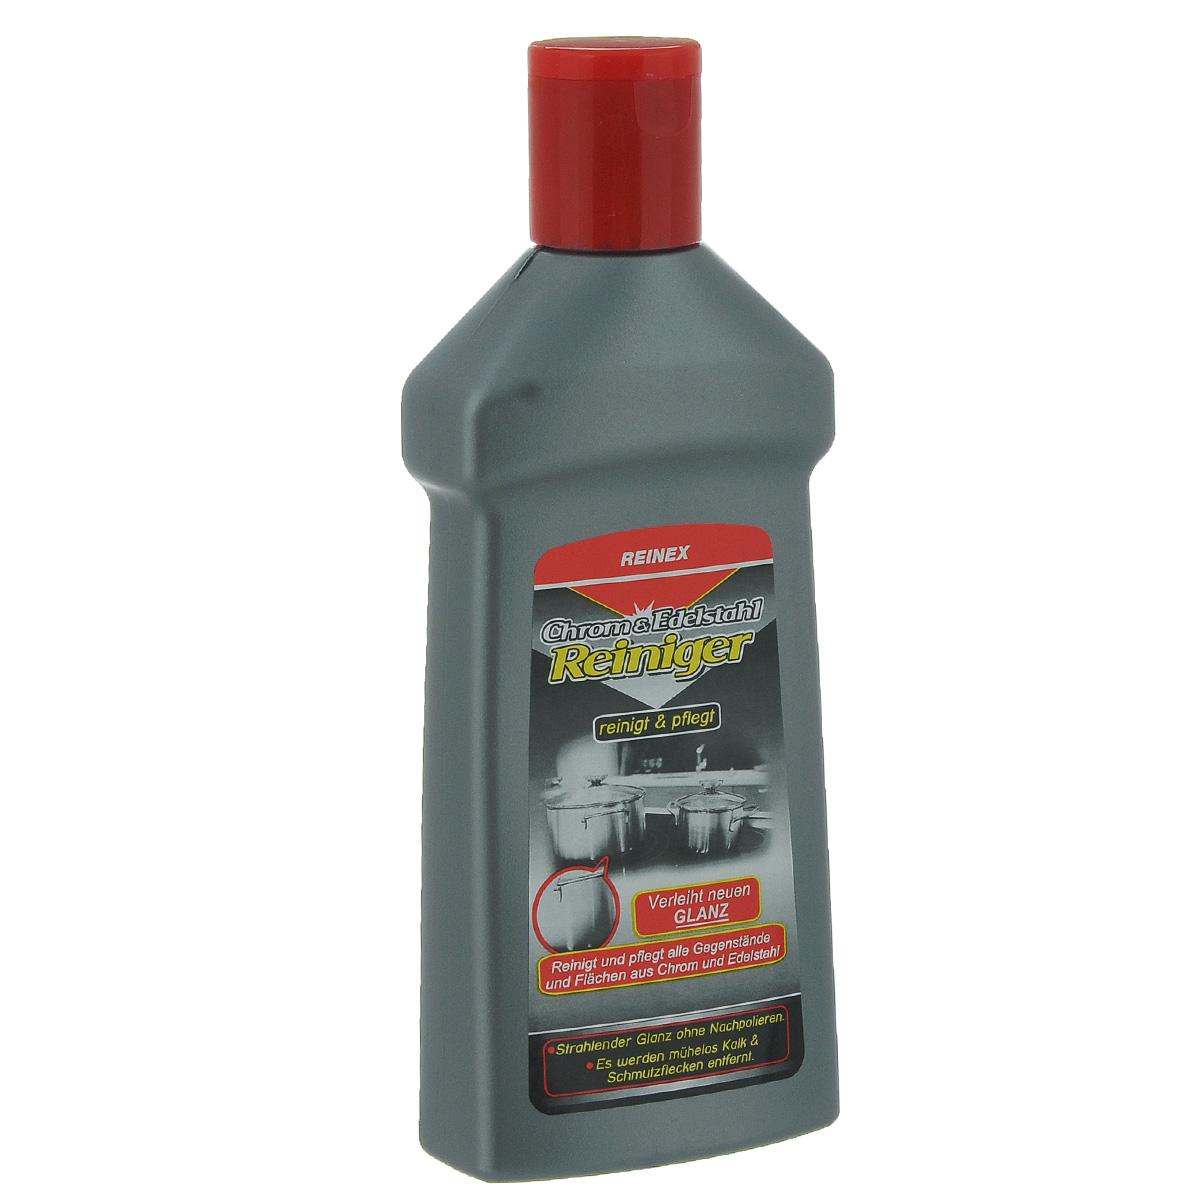 Средство для чистки и полировки хрома и стали Reinex, 250 мл10353Средство Reinex предназначено для чистки и полировки стали, хрома, меди, алюминия, латуни, железа и других металлов. Идеально для столовых приборов и кастрюль. Средство удаляет все виды загрязнений без царапин, создает блестящий глянец на поверхности, покрывает защитной пленкой. Состав: >5% анионные и неионные ПАВ, ароматизаторы, силиконовое масло, органические кислоты. Товар сертифицирован.